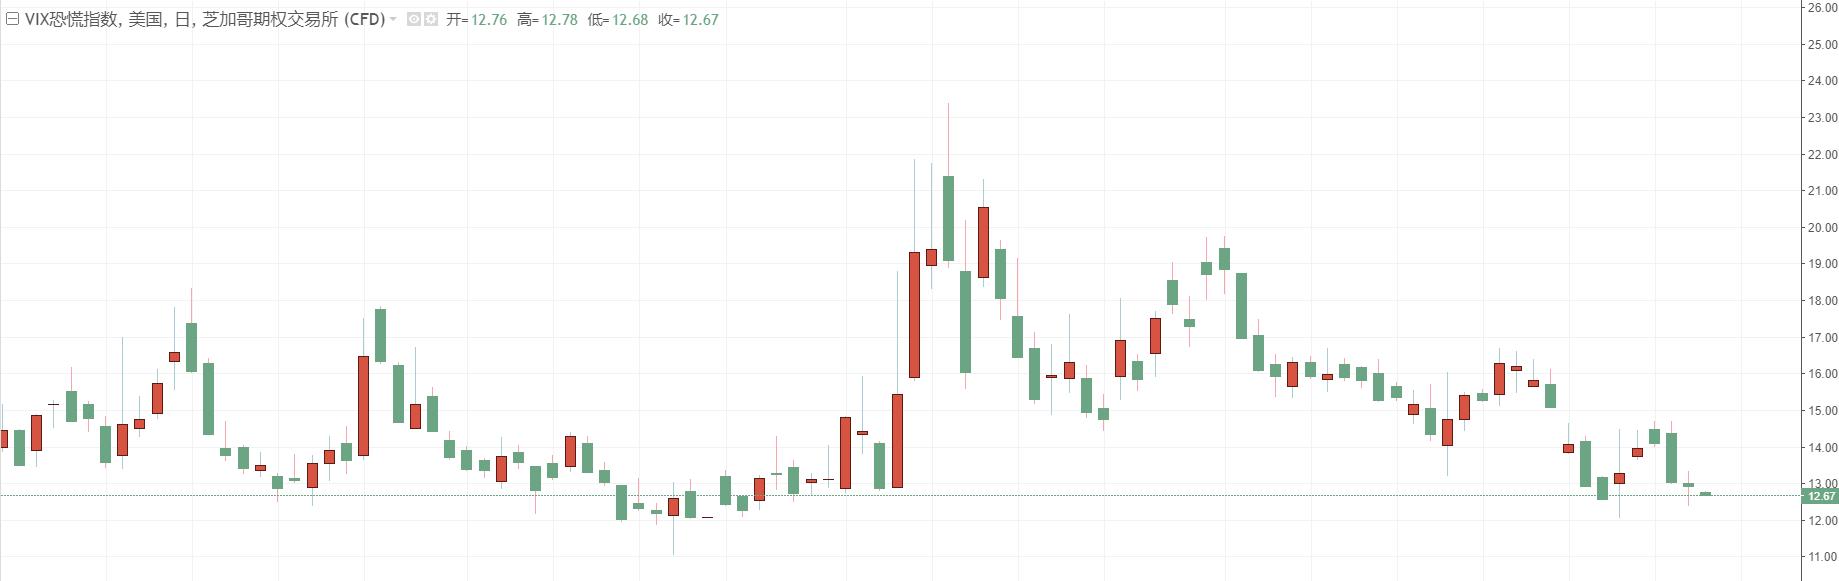 """鲍威尔连续表态为市场打入""""强心针""""、商品货币集体走强,澳元/美元收复0.7000整数关口"""